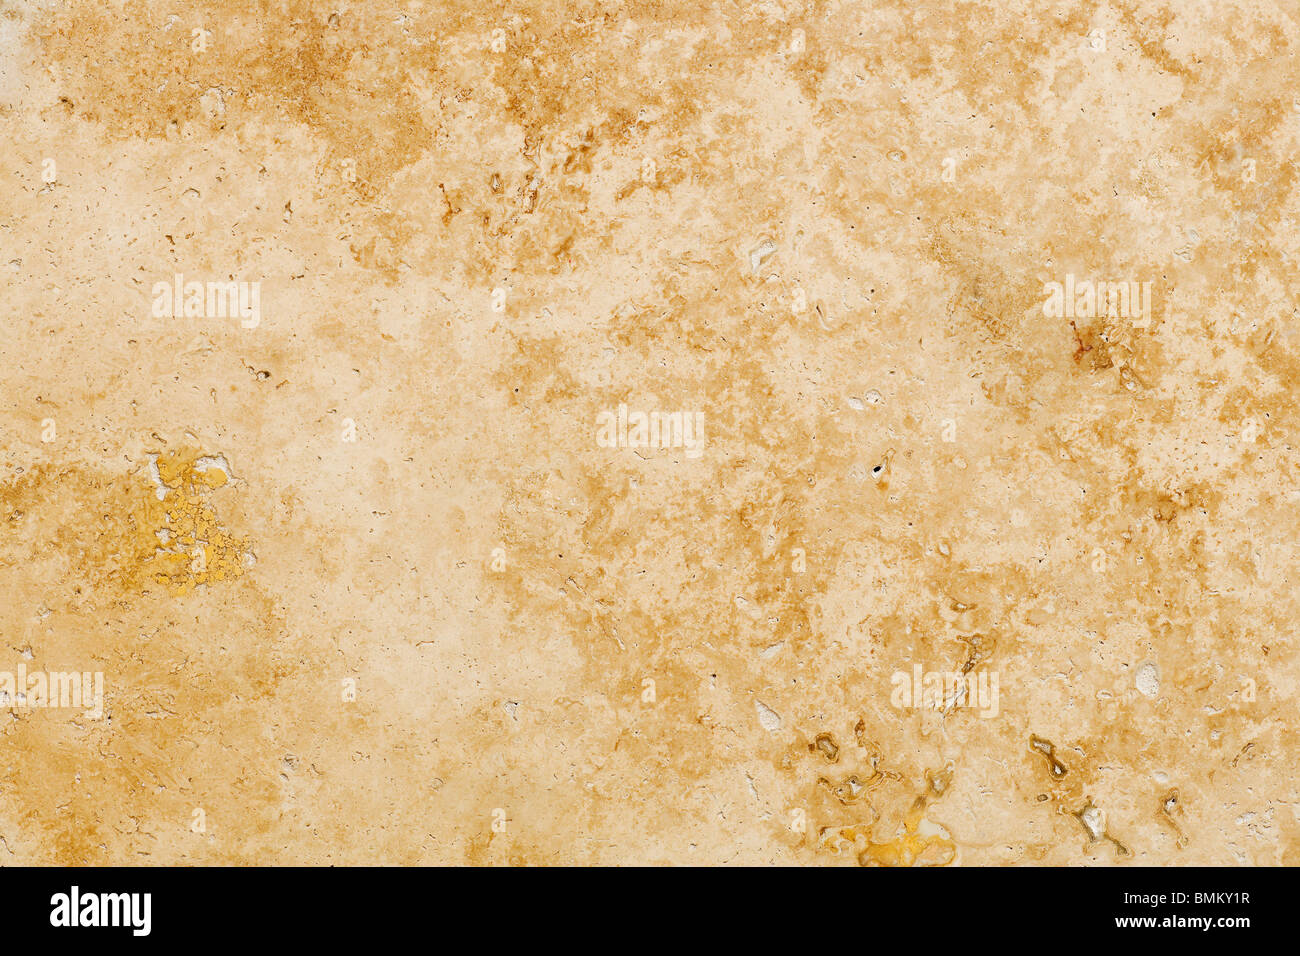 Travertin Steinboden Fliesen abstrakten Hintergrund Closeup Stockbild